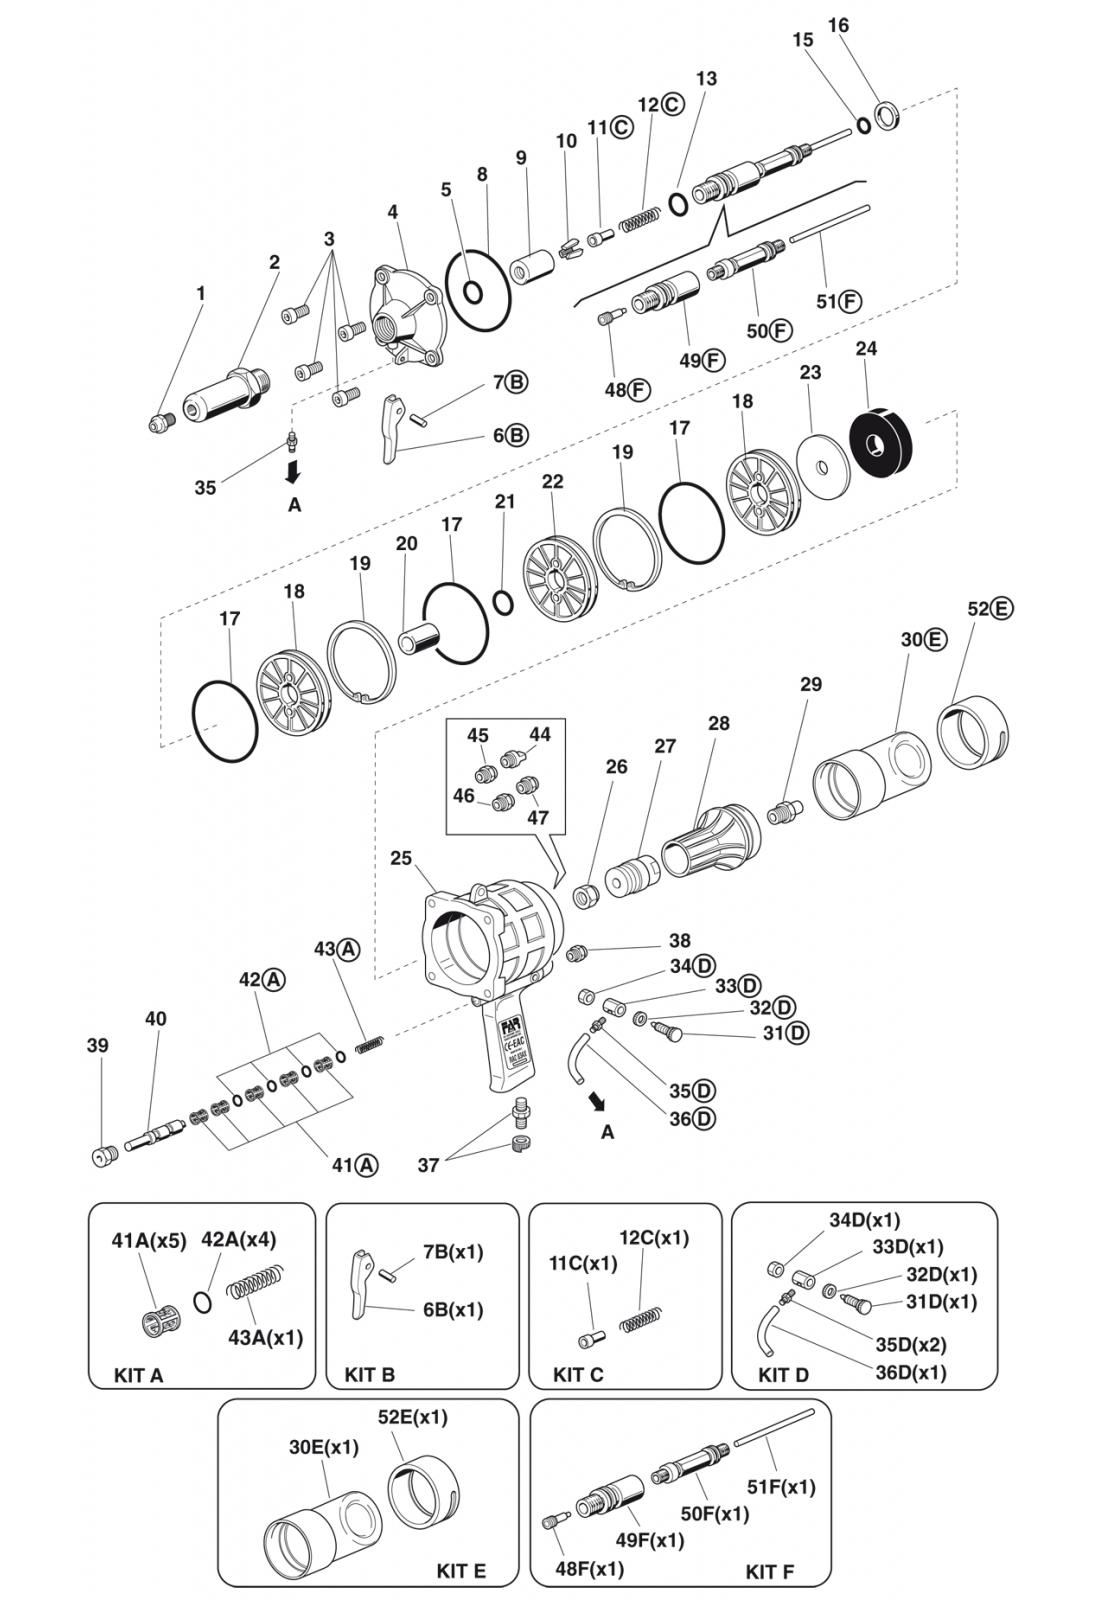 Części do nitownicy RAC83/AX